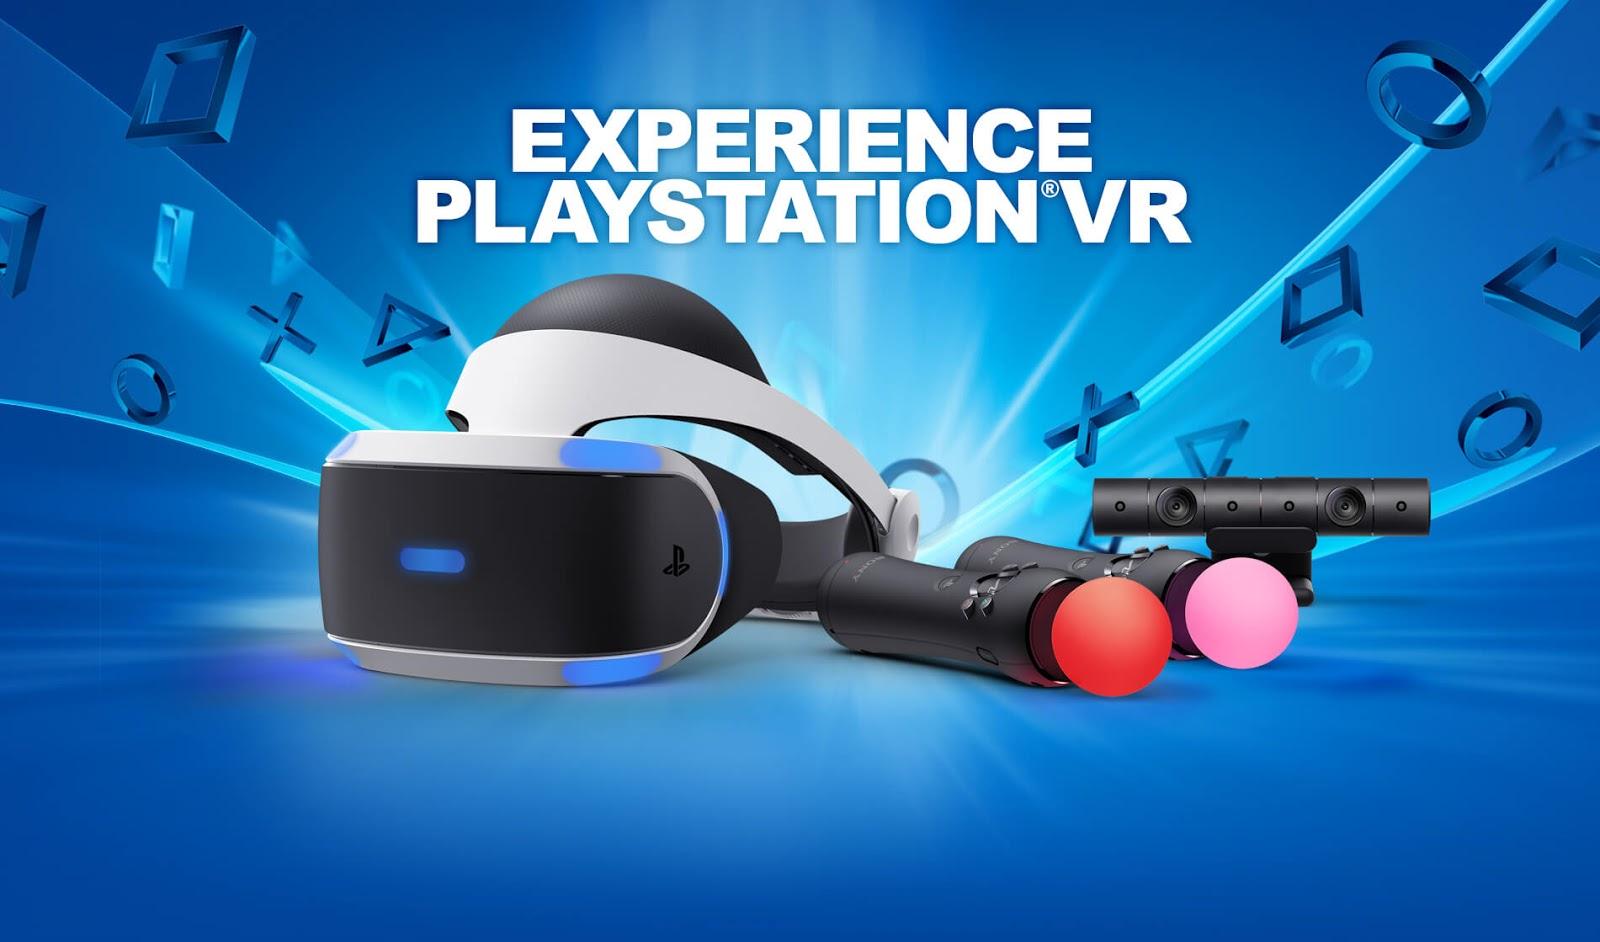 PlayStation VR podría llegar a máquinas arcade y parques japoneses